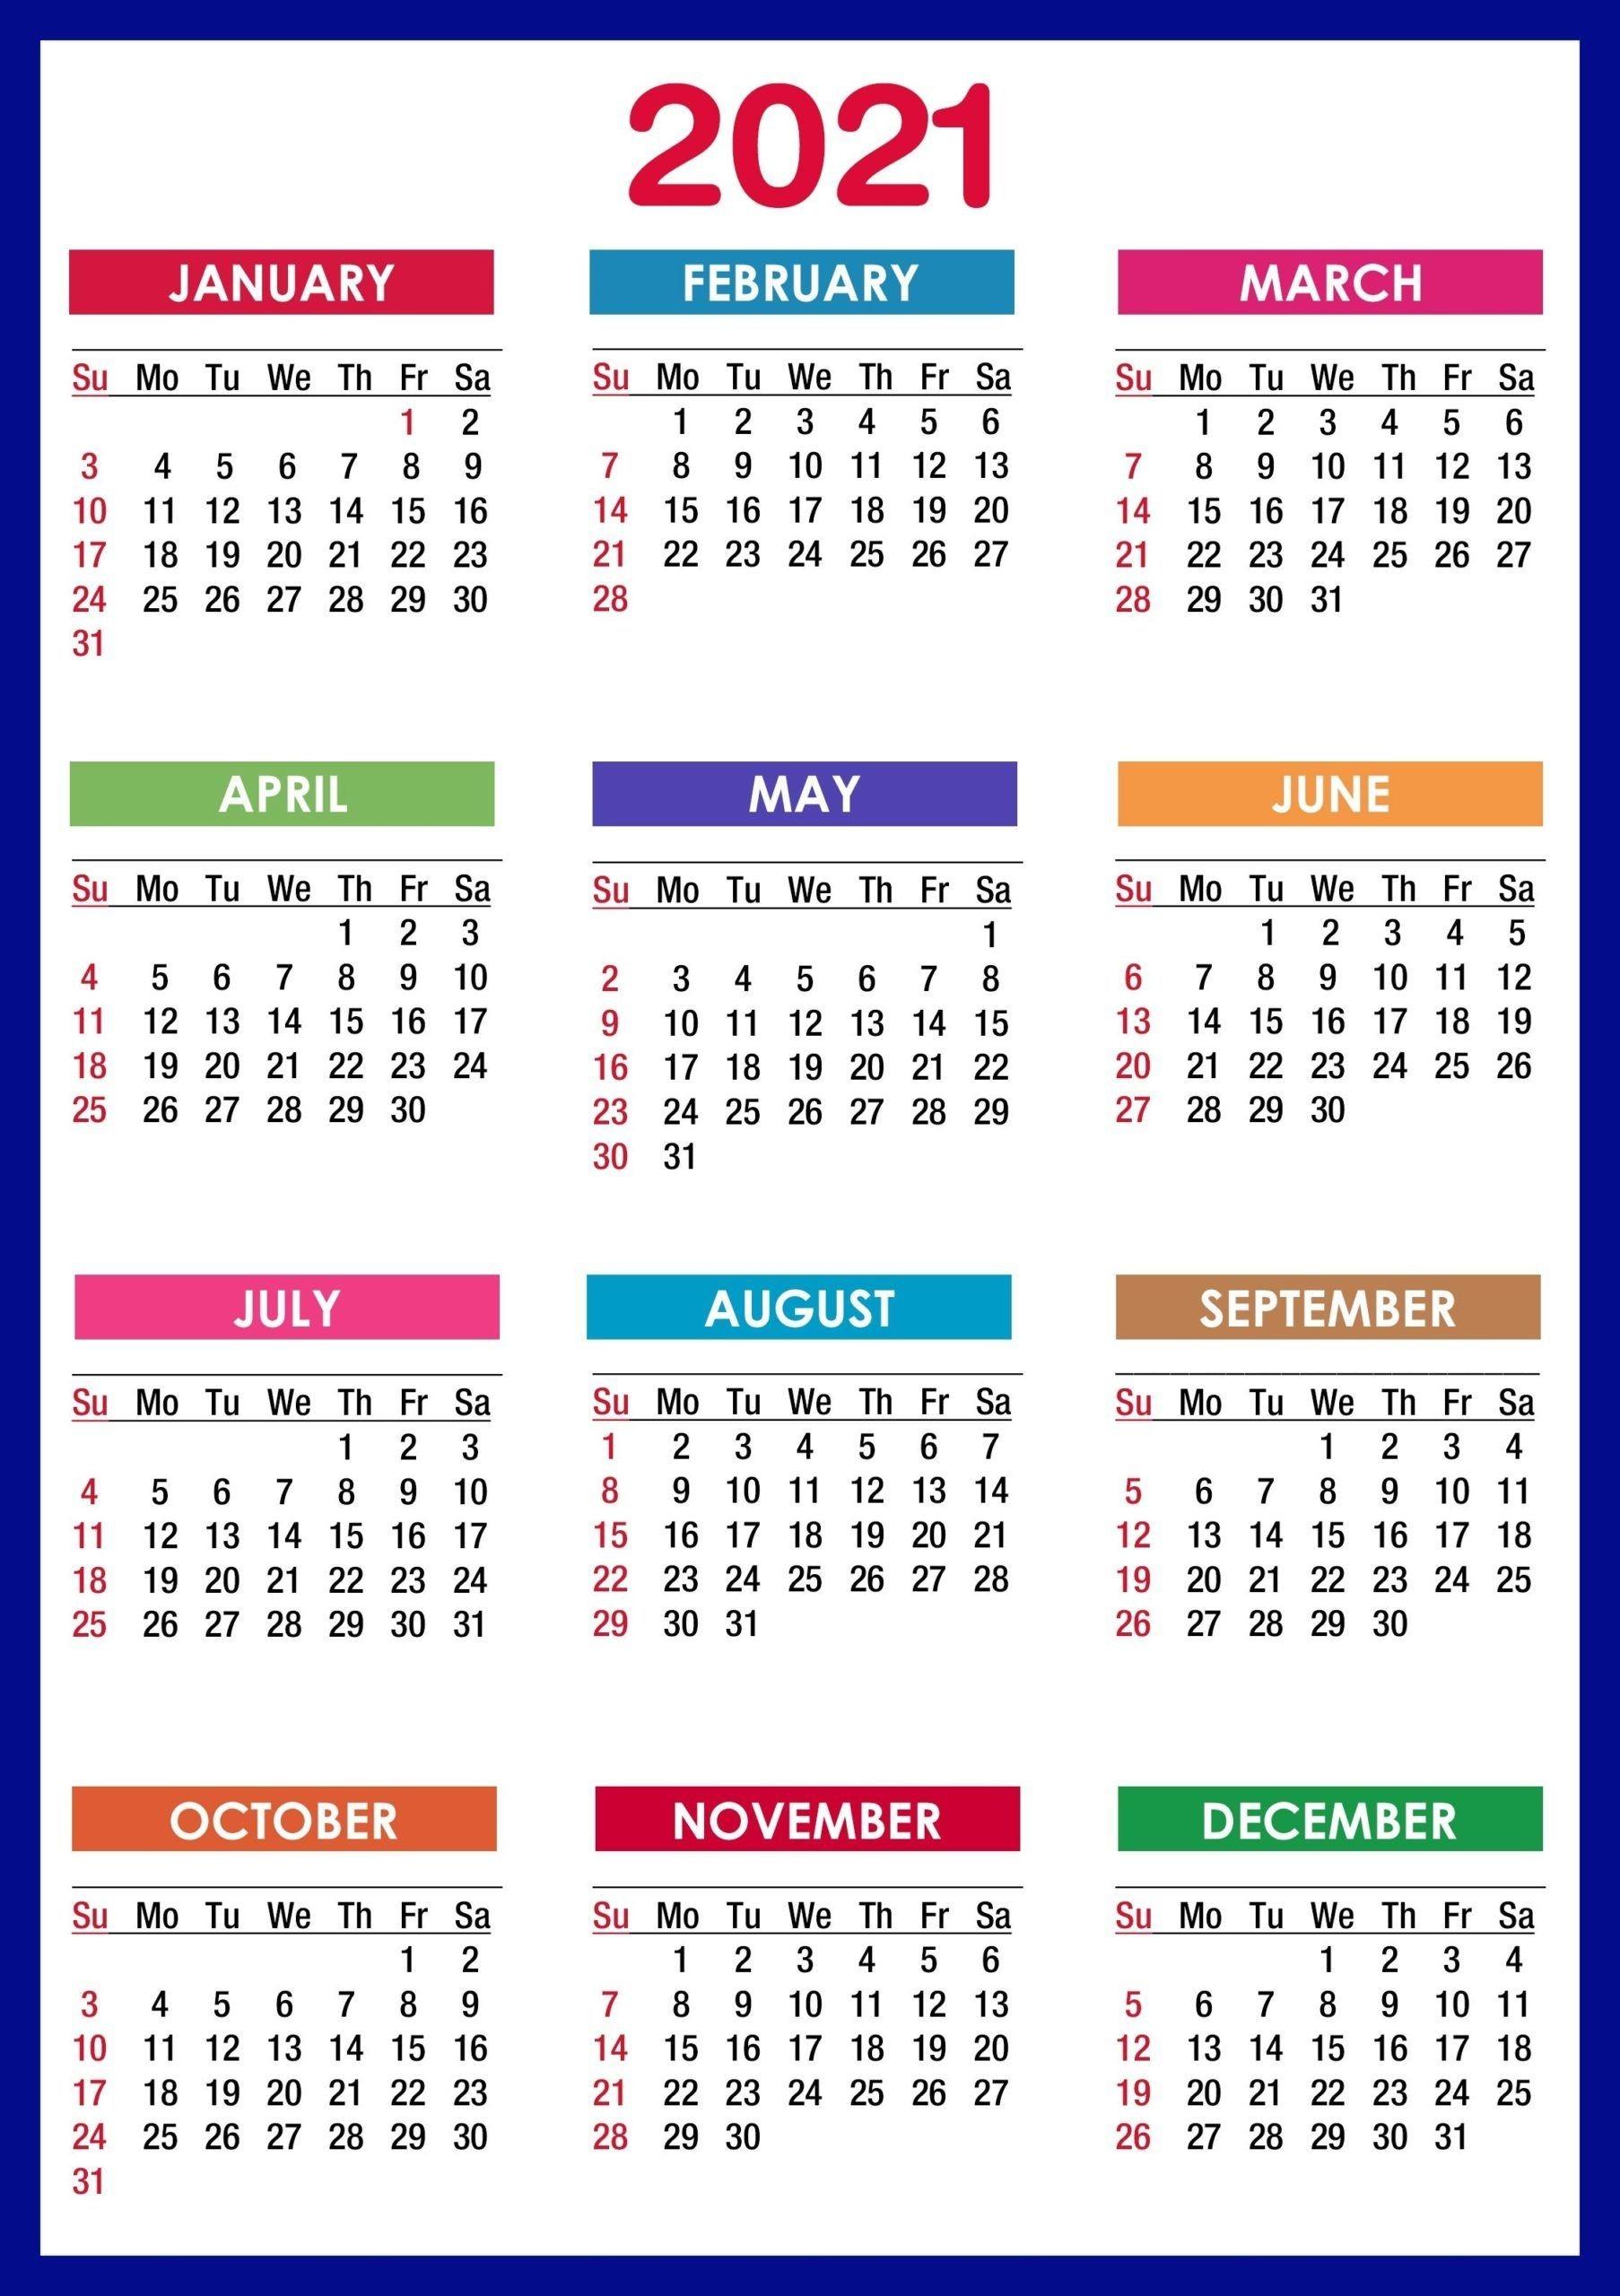 Pin On Calendars-Calander 2021 June For Bills